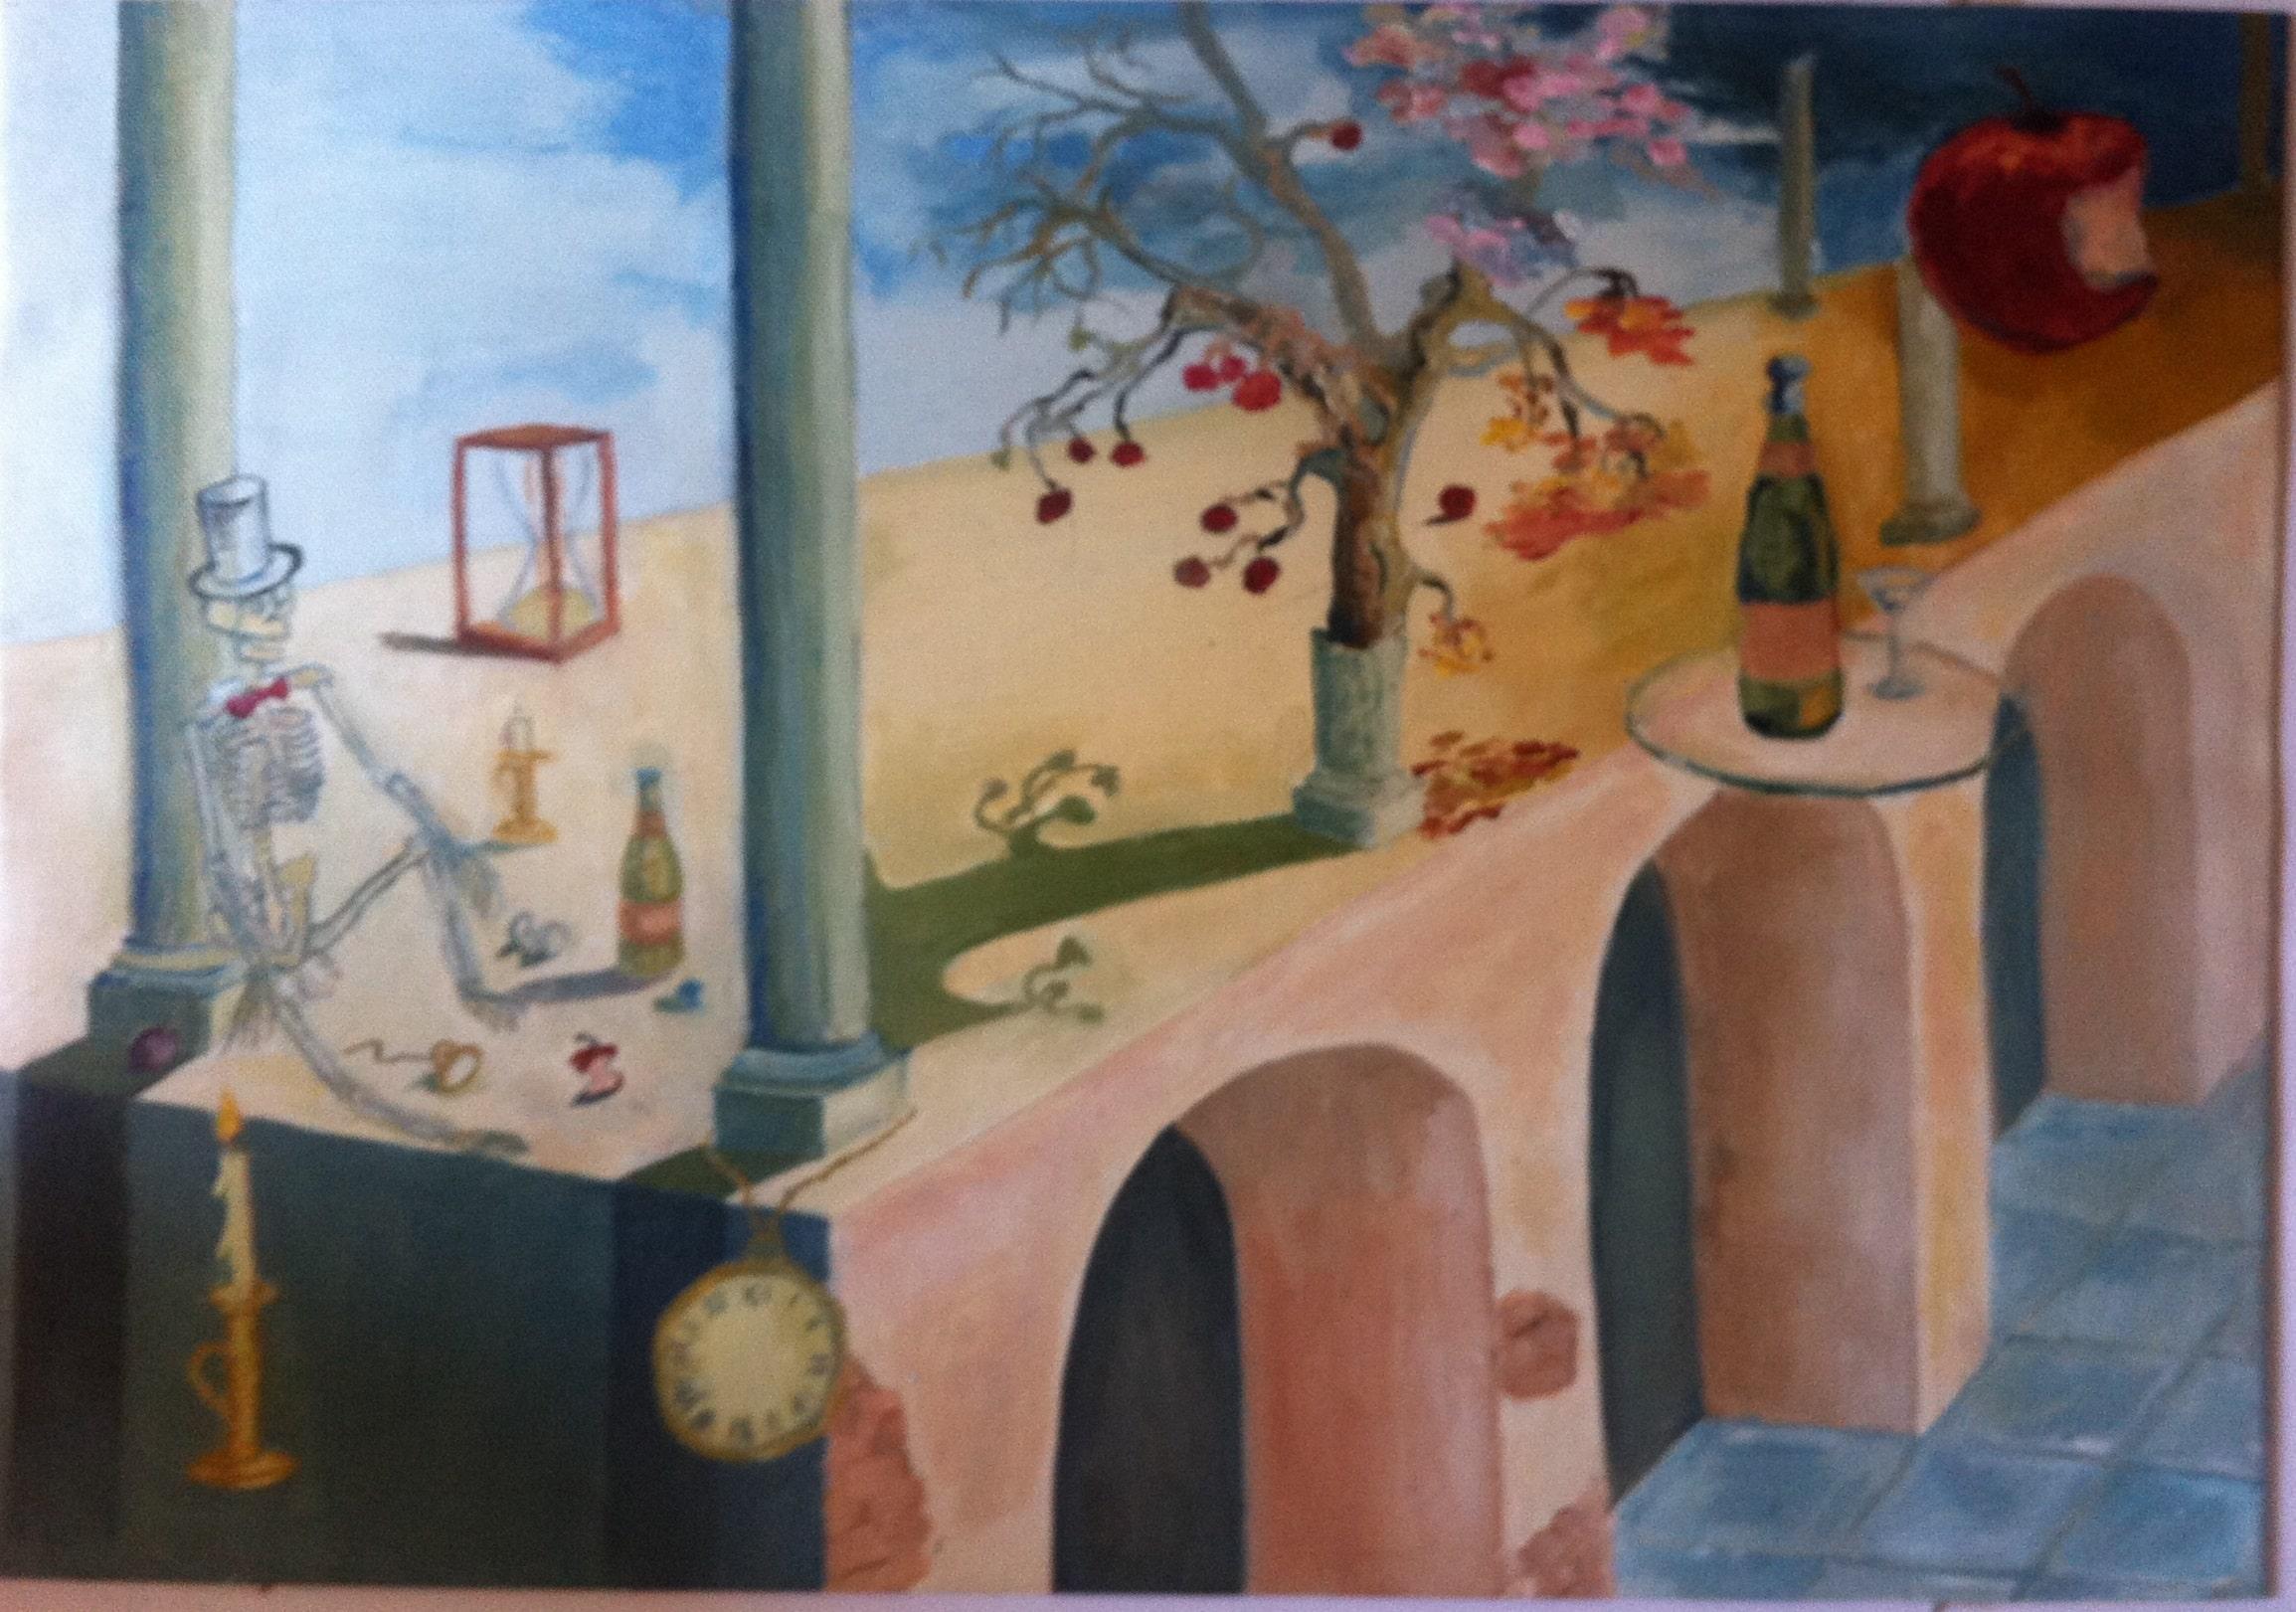 Hôtes et artistes en poitou - Le temps qui passe (fantaisie surréaliste), huile sur toile